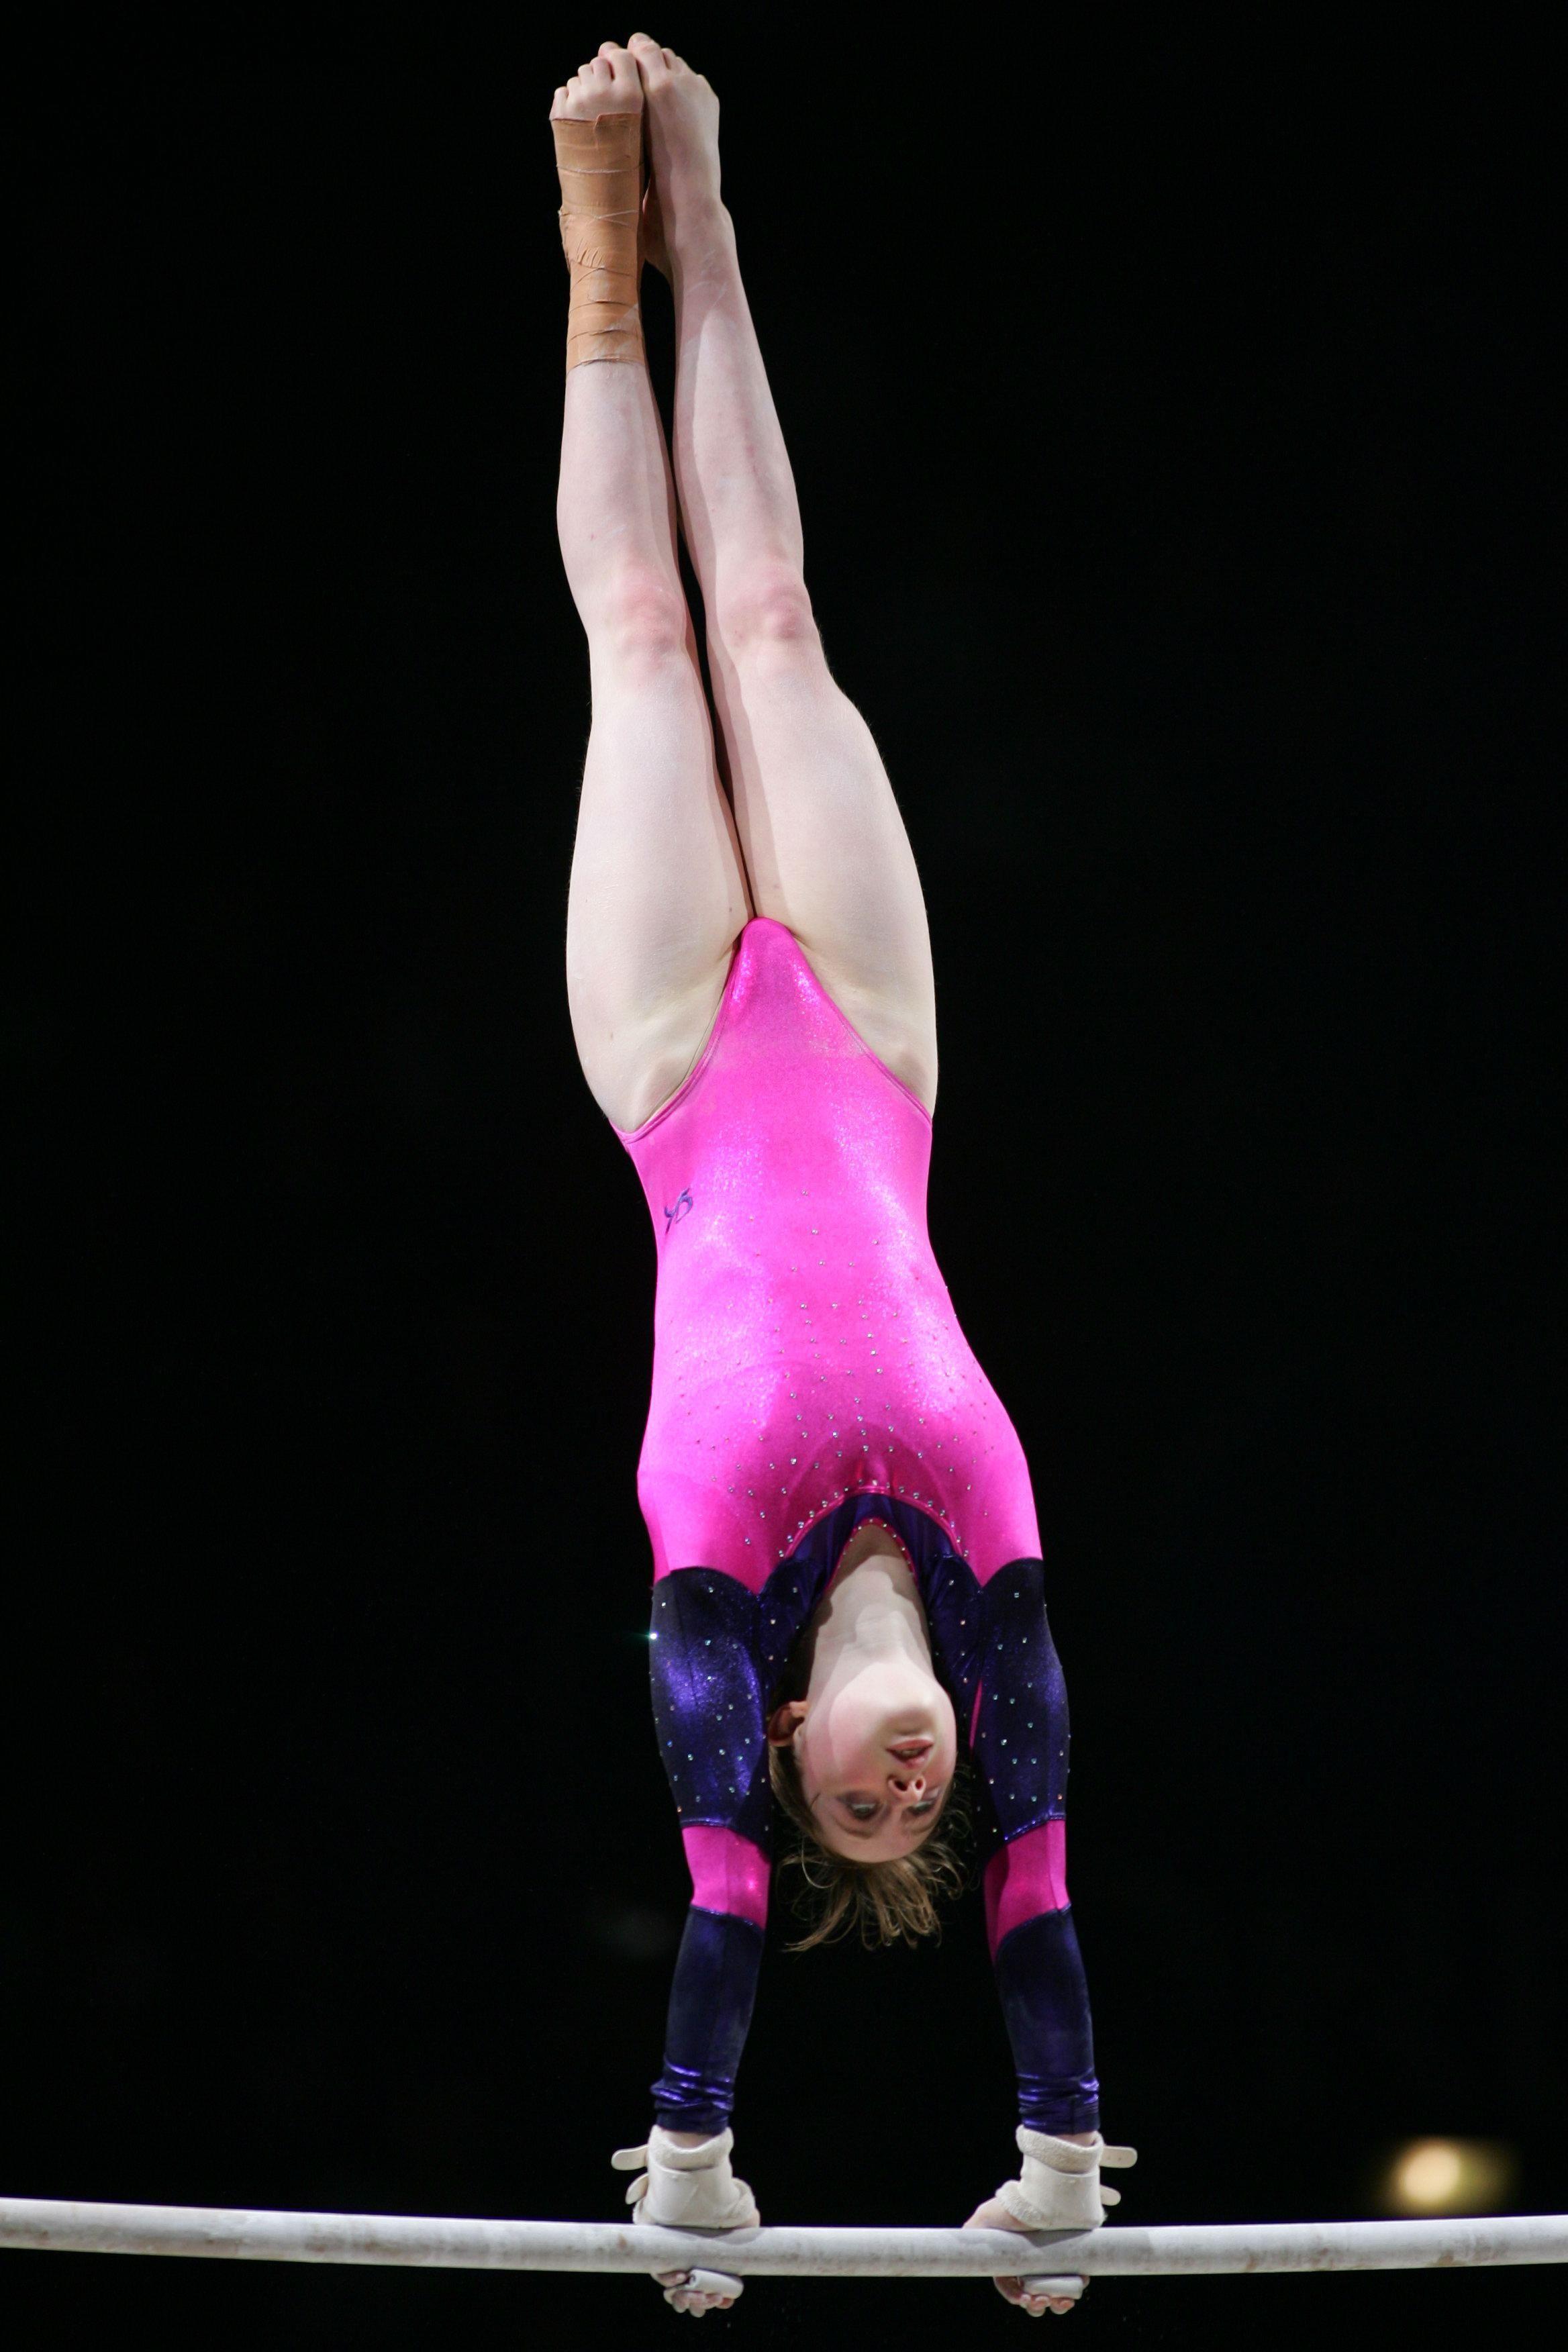 Gymnast Oops